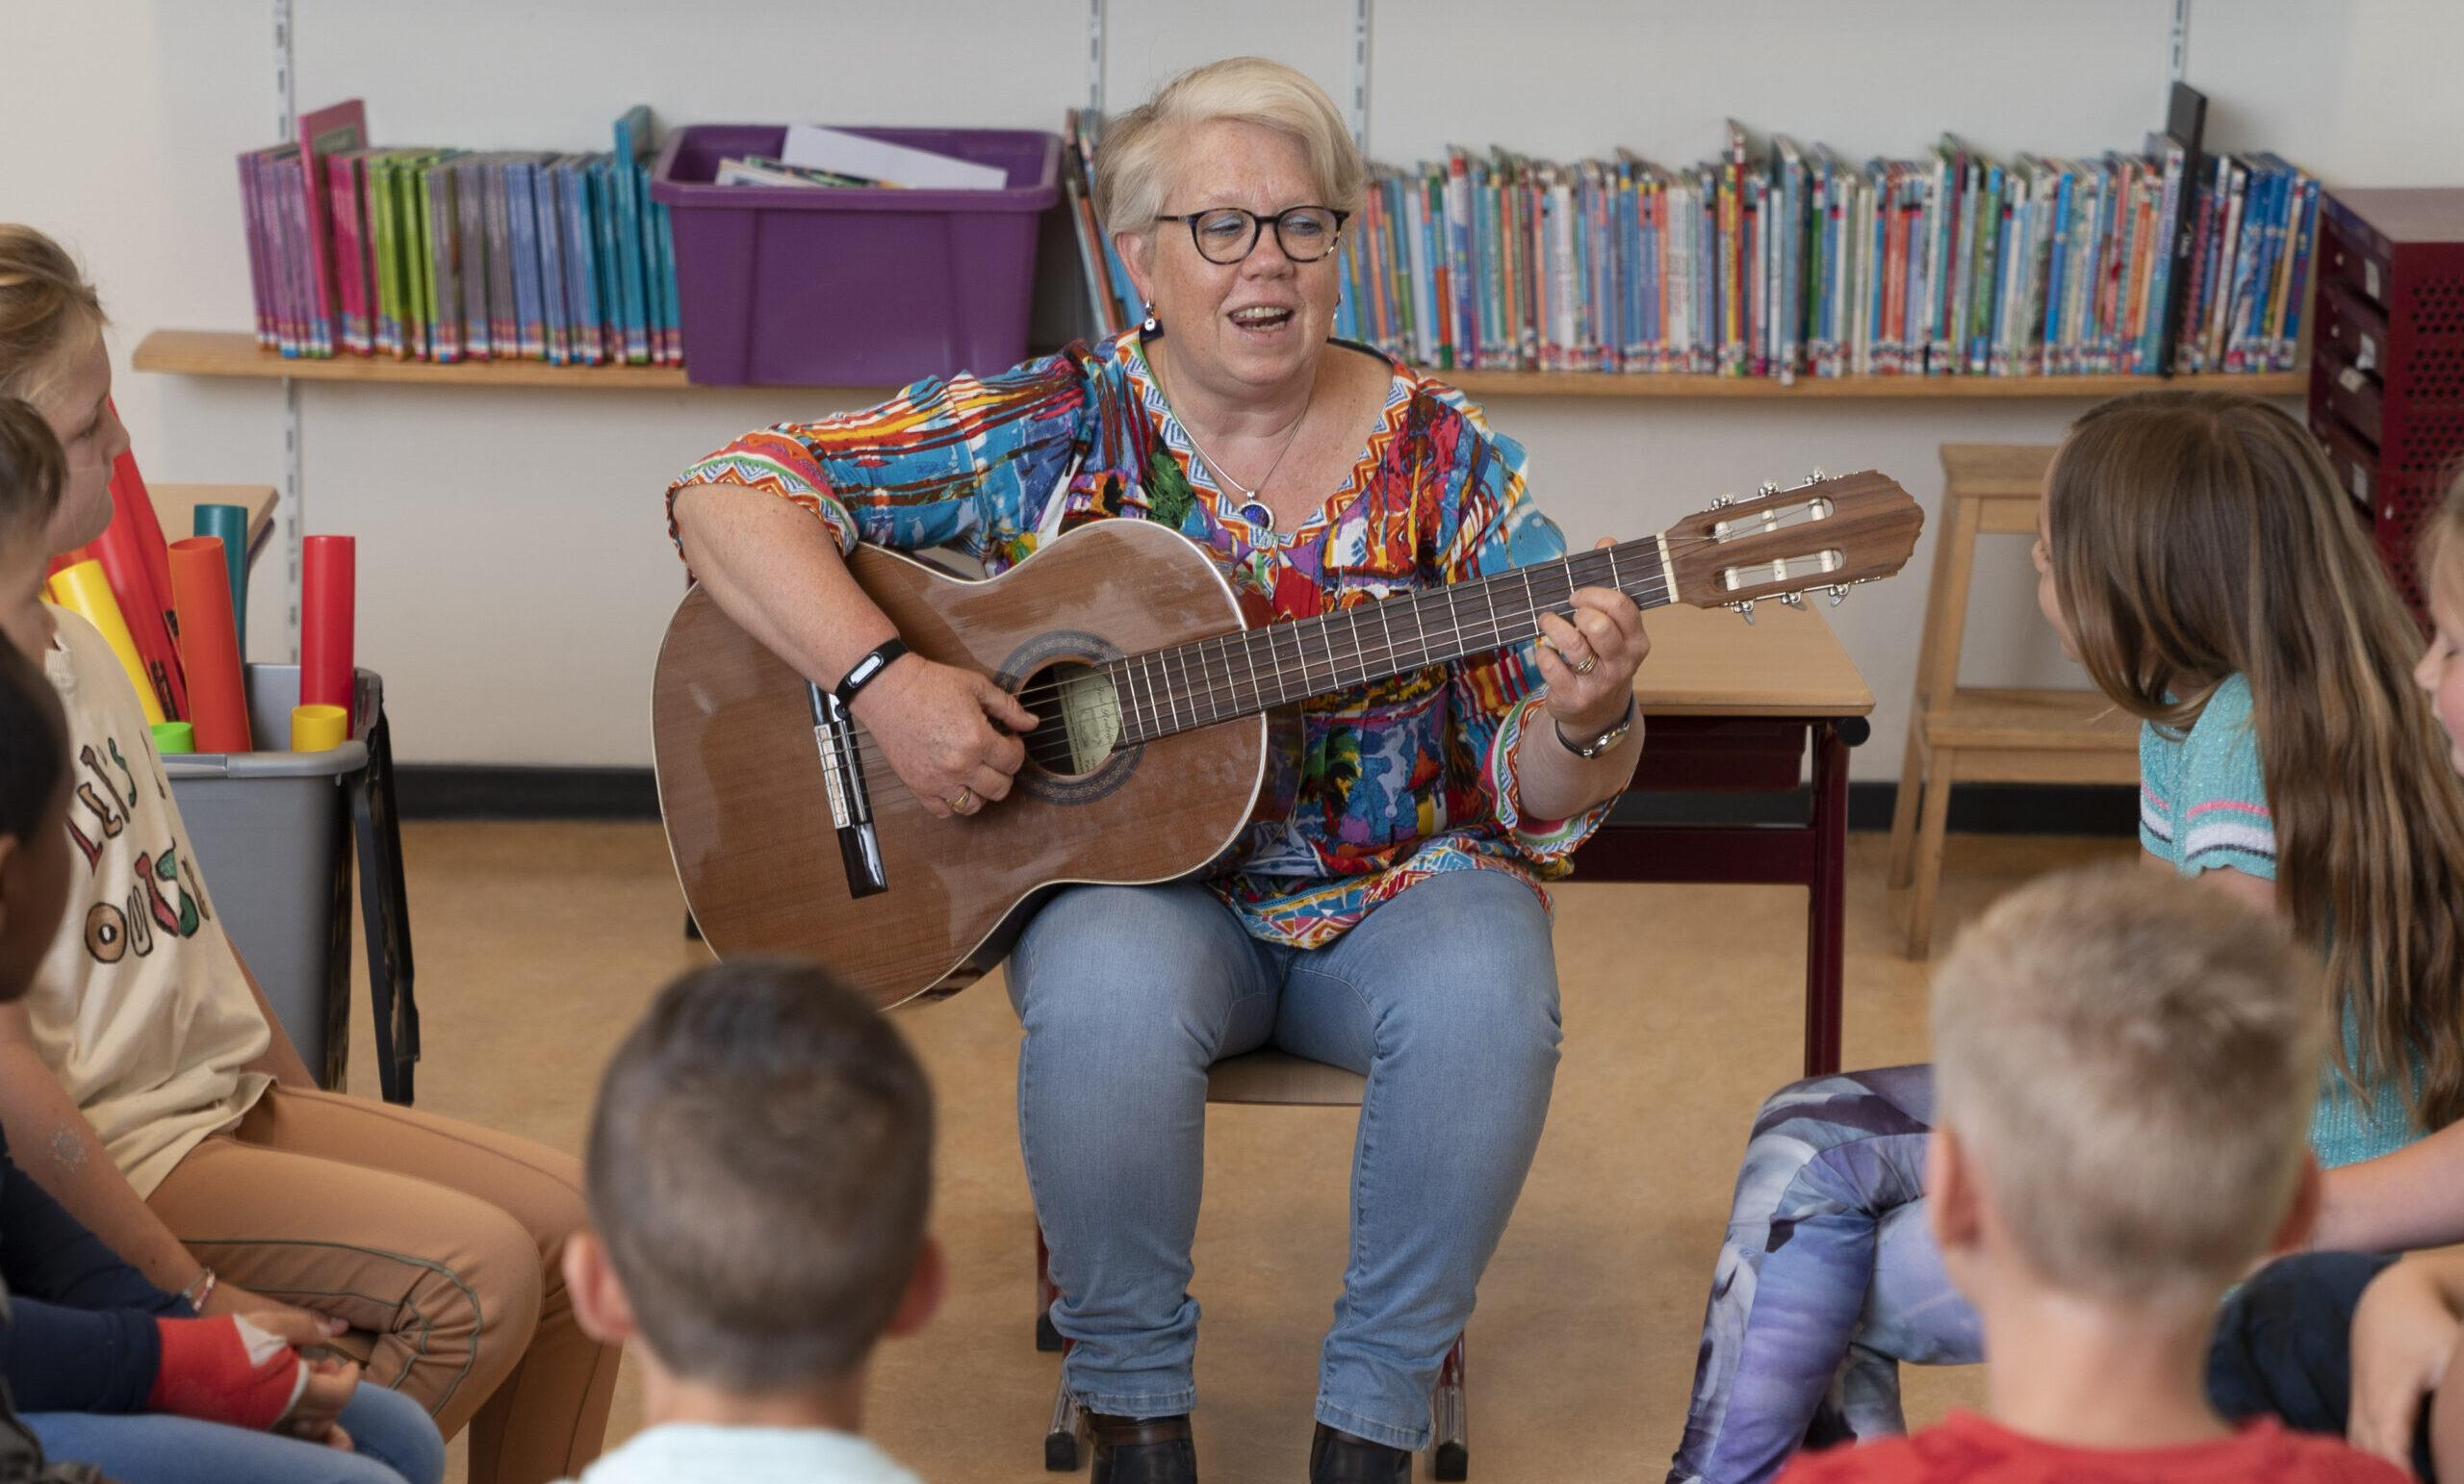 vrouw speelt gitaar in een kring met kinderen